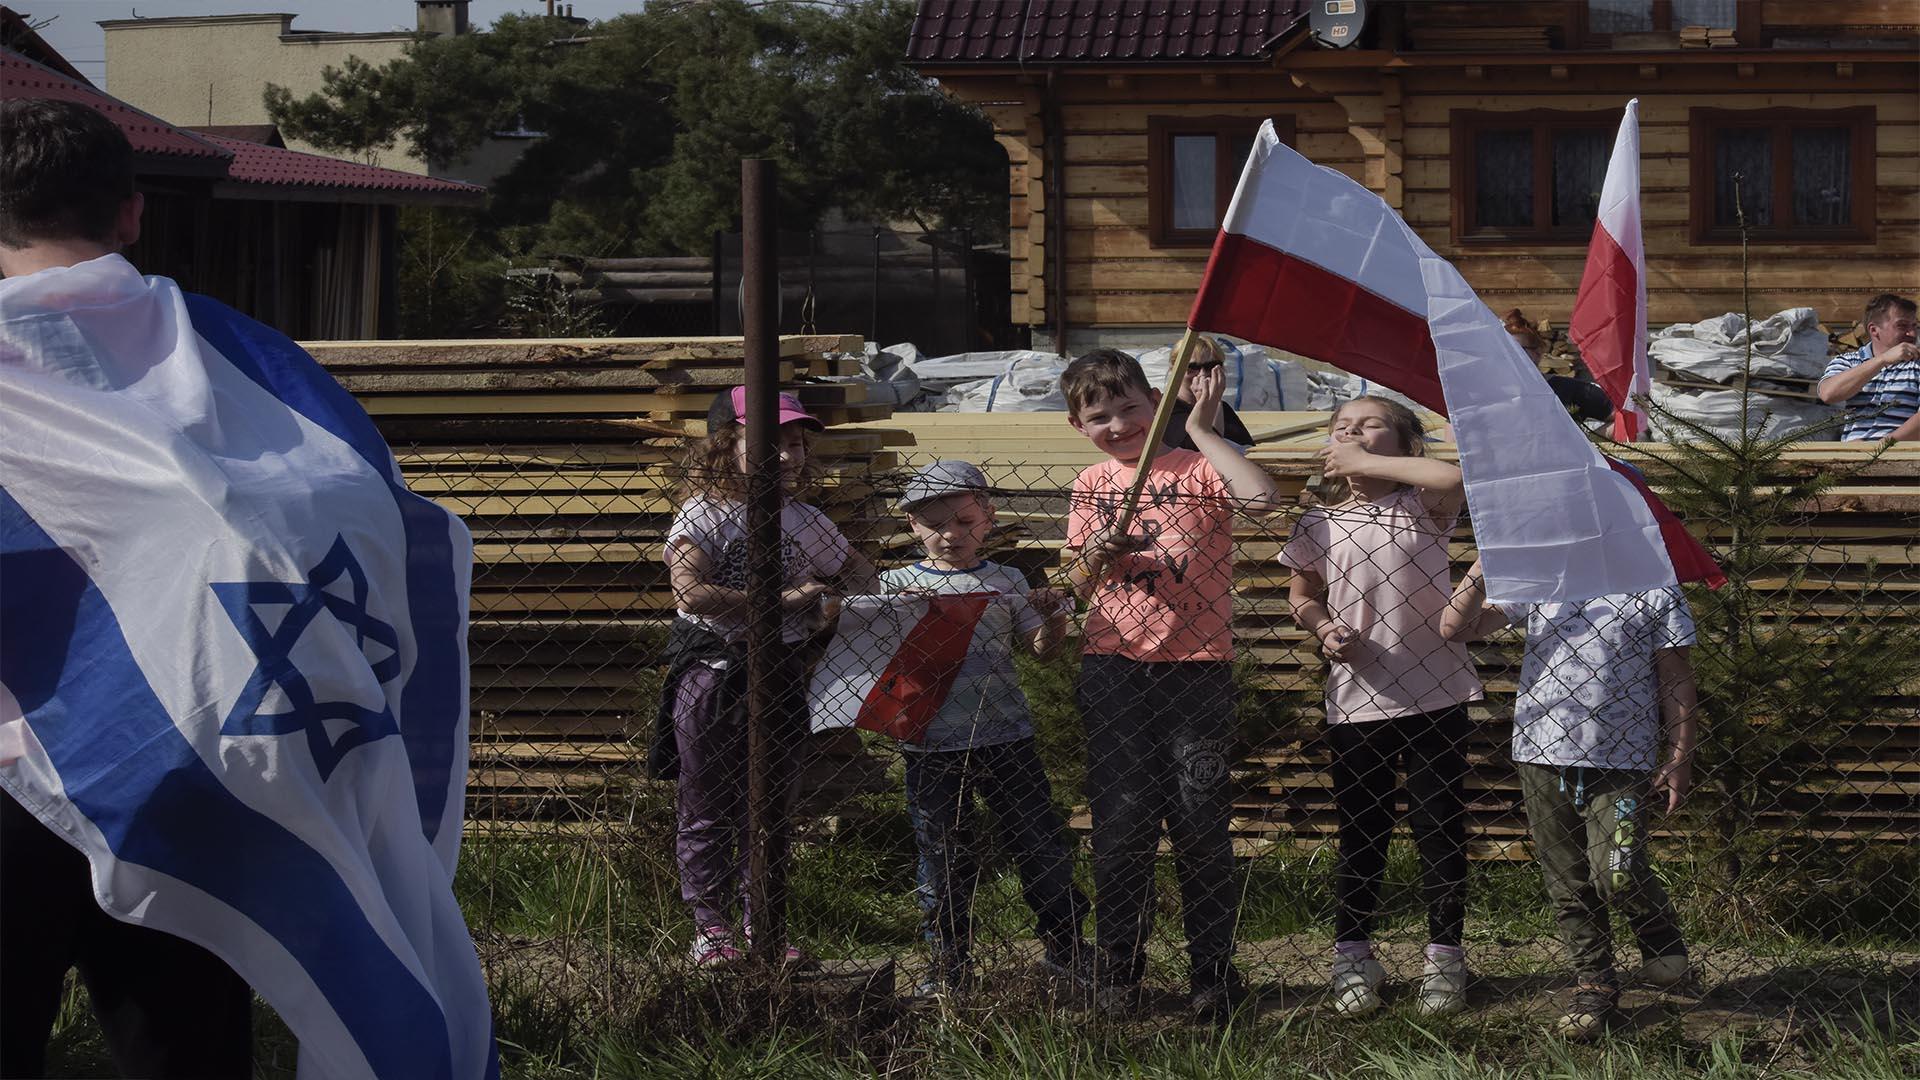 La Marcha por la vida dura 12 días, y los marchistas recorren los sitios de la memoria en Polonia e Israel